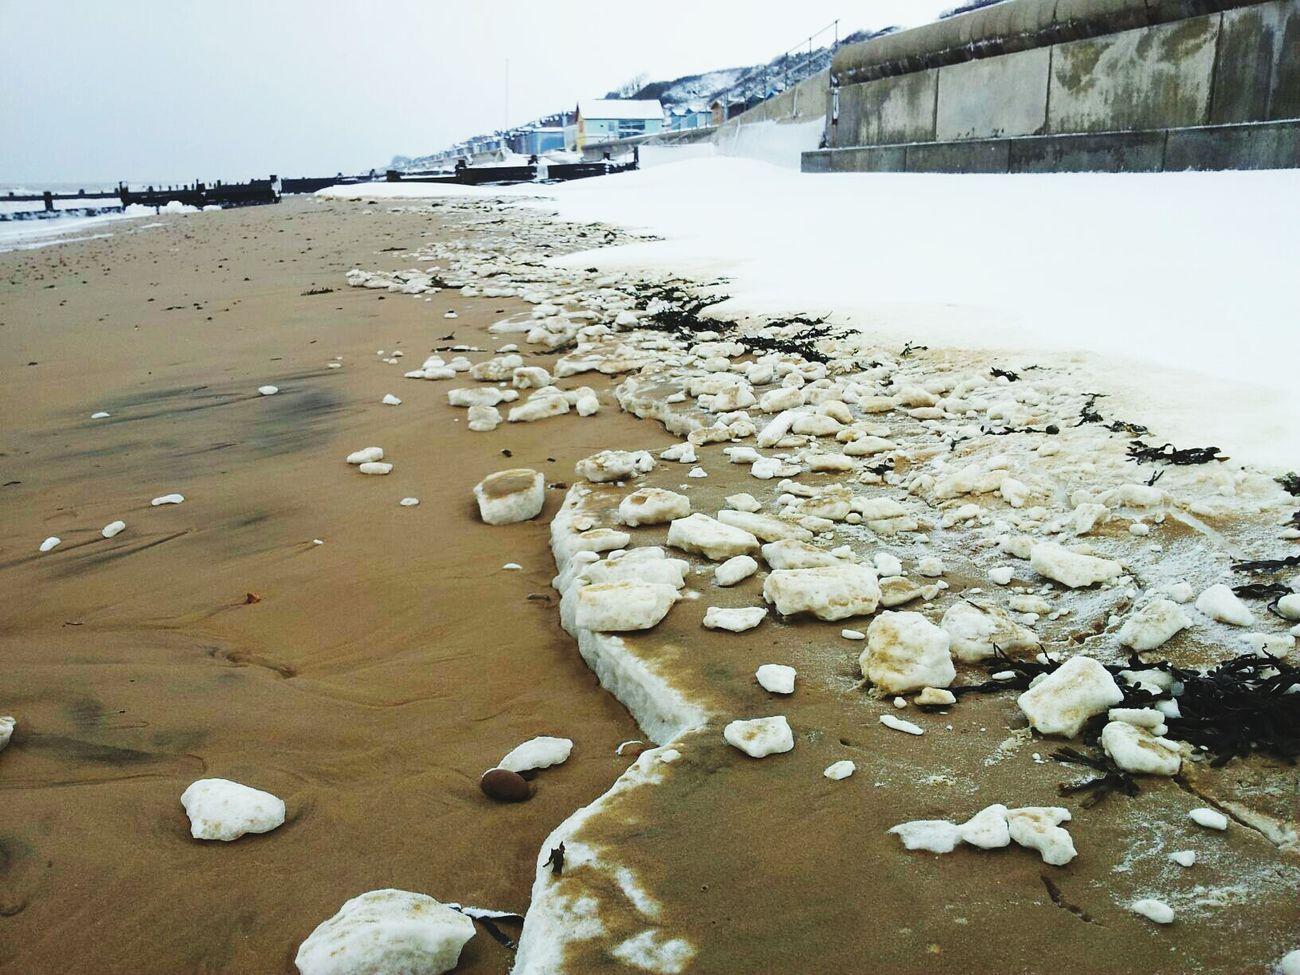 Frinton on Sea First Eyeem Photo Seaside Snow Beach Frinton-on-Sea Frinton